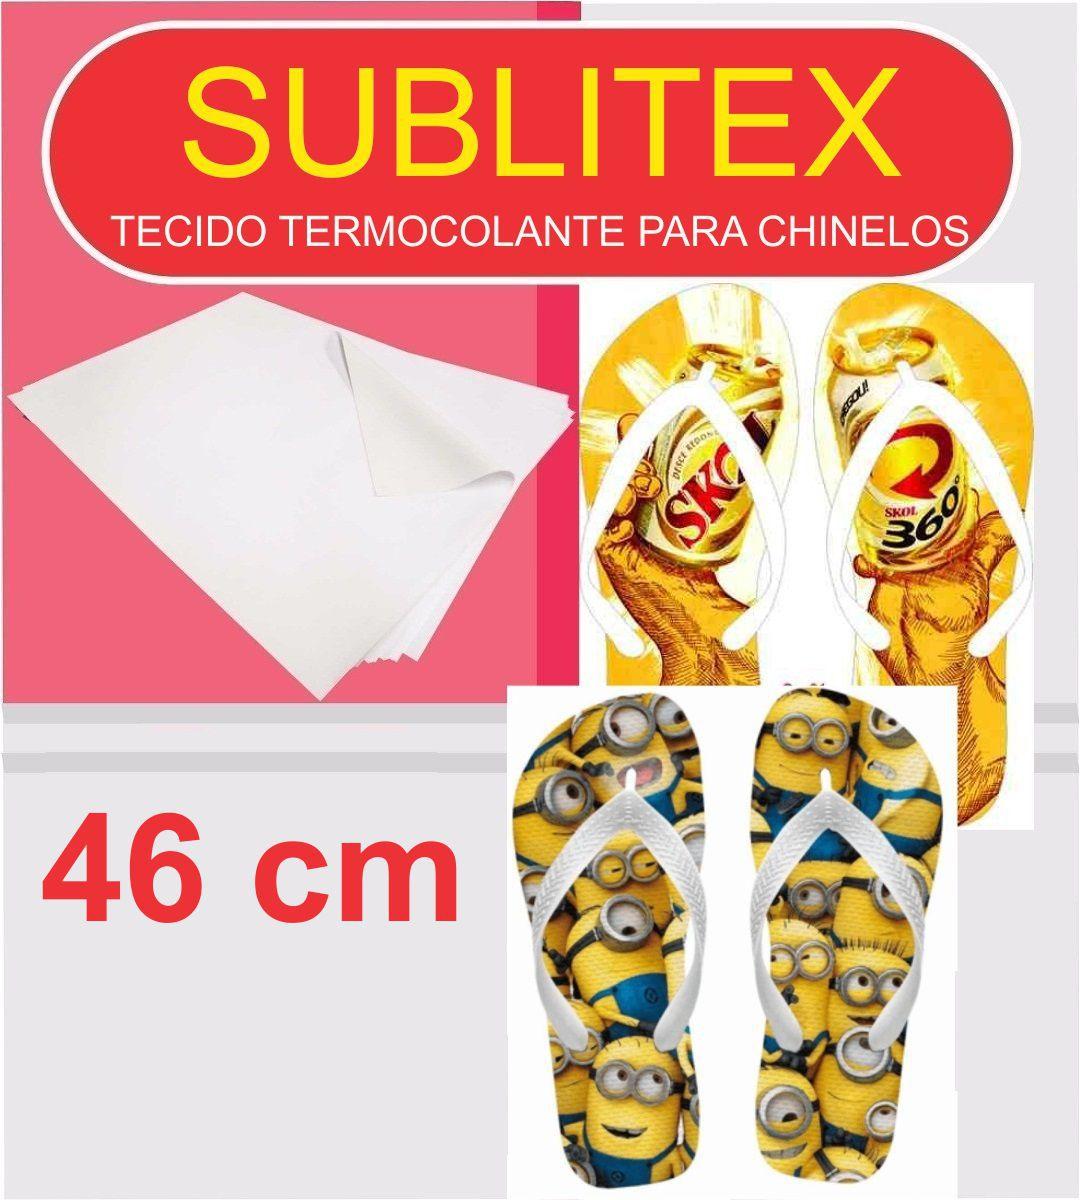 Sublitex - Tecido Termocolante para Sublimação Chinelos - 46 cm